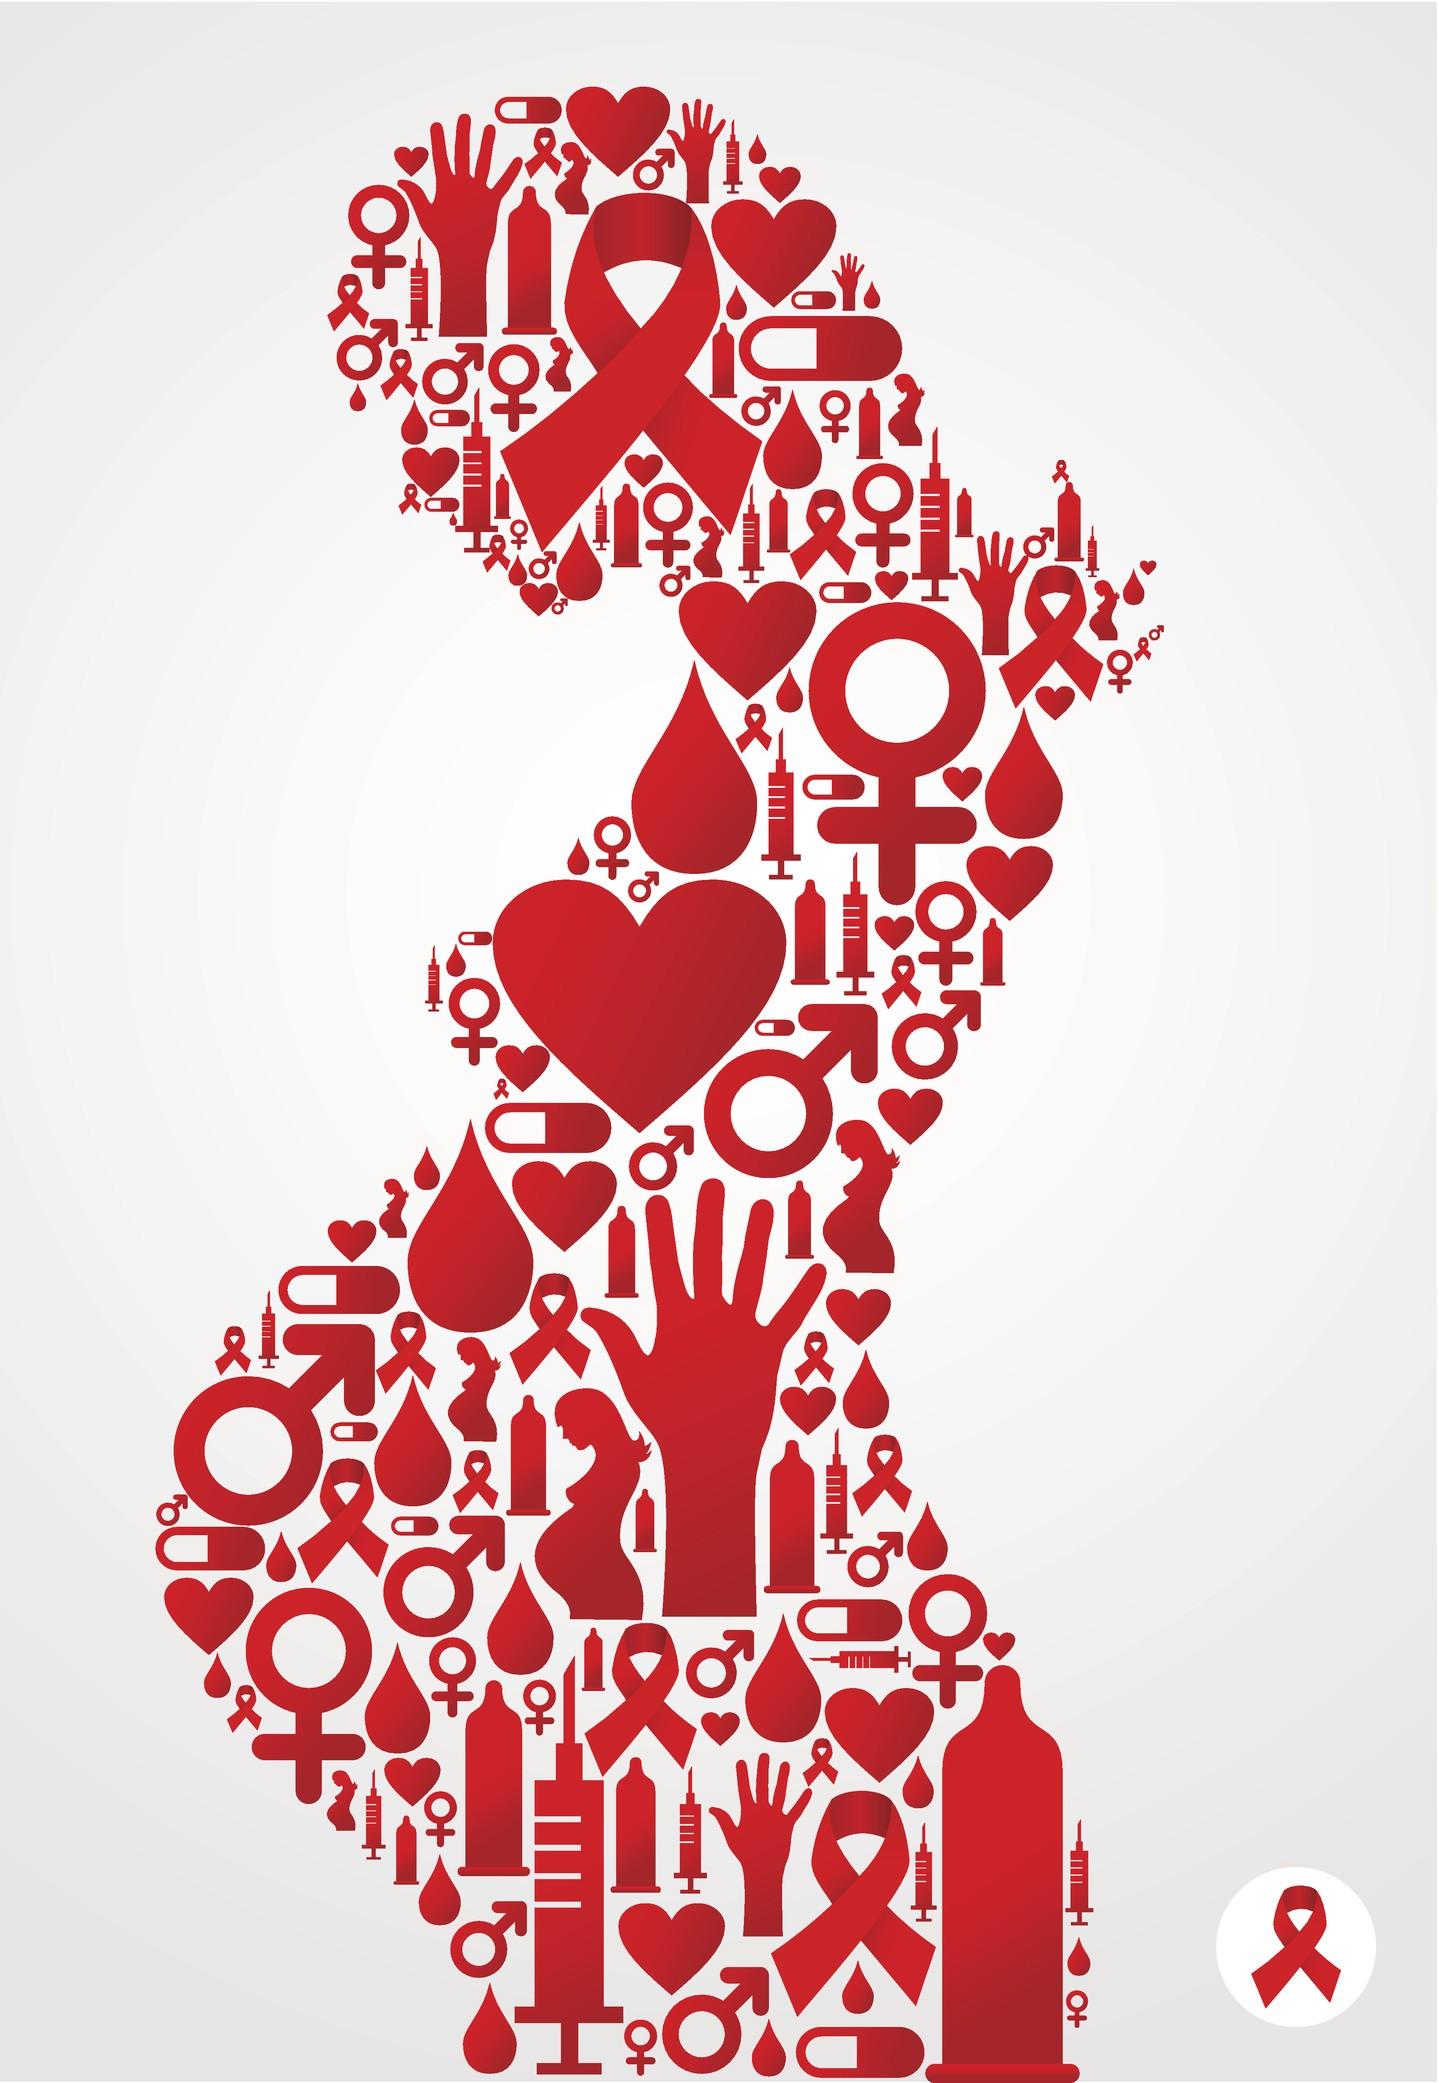 BHIVA обновила руководства по лечению ВИЧ во время беременности и после родов - изображение 1